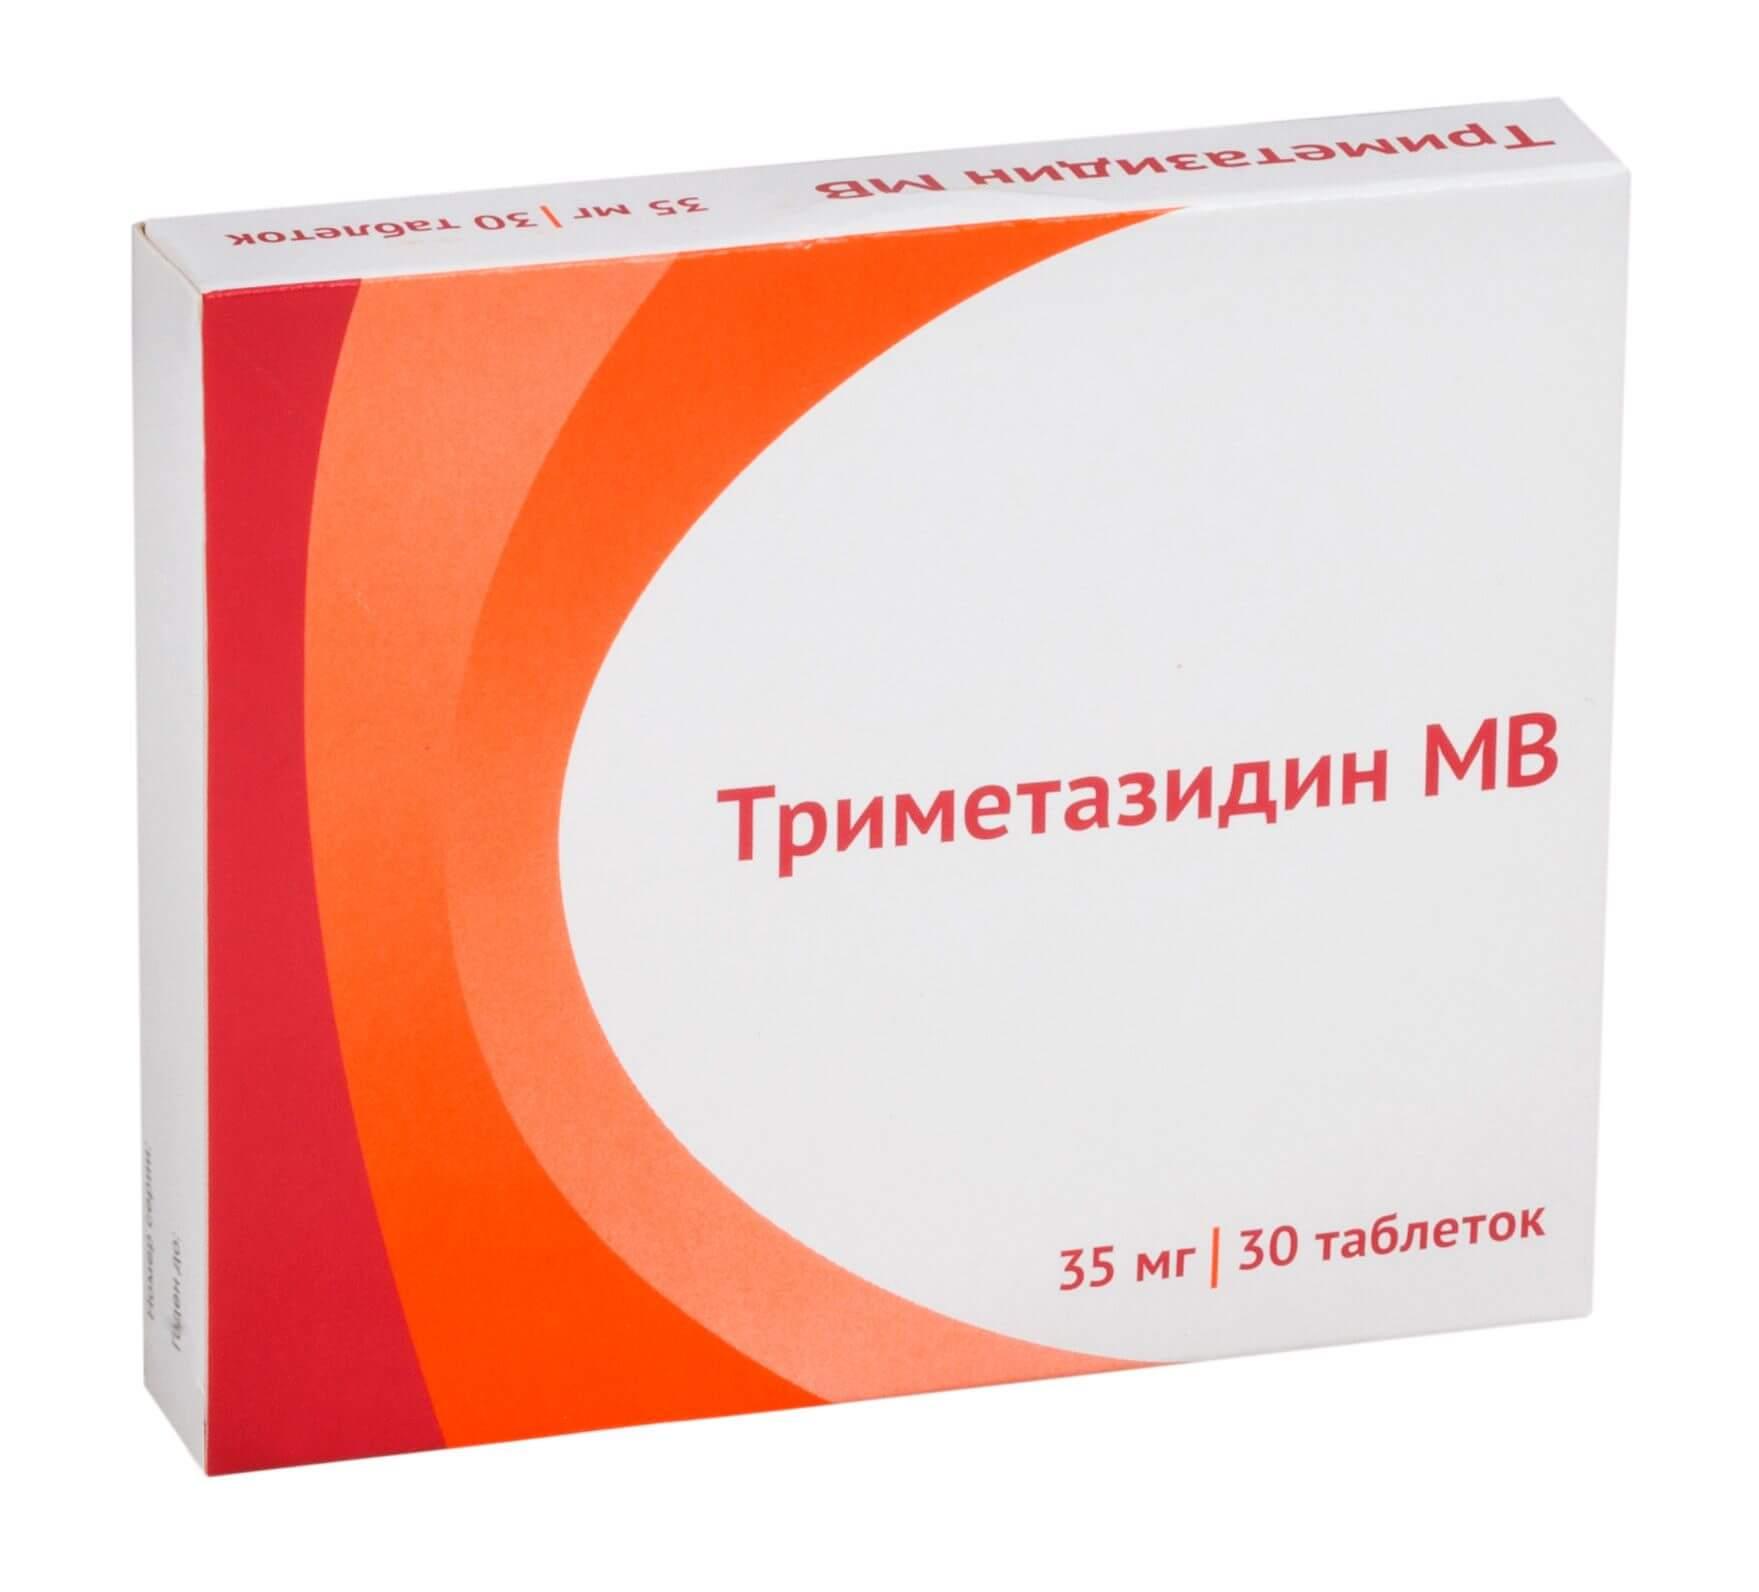 Триметазидин МВ: инструкция по применению таблеток